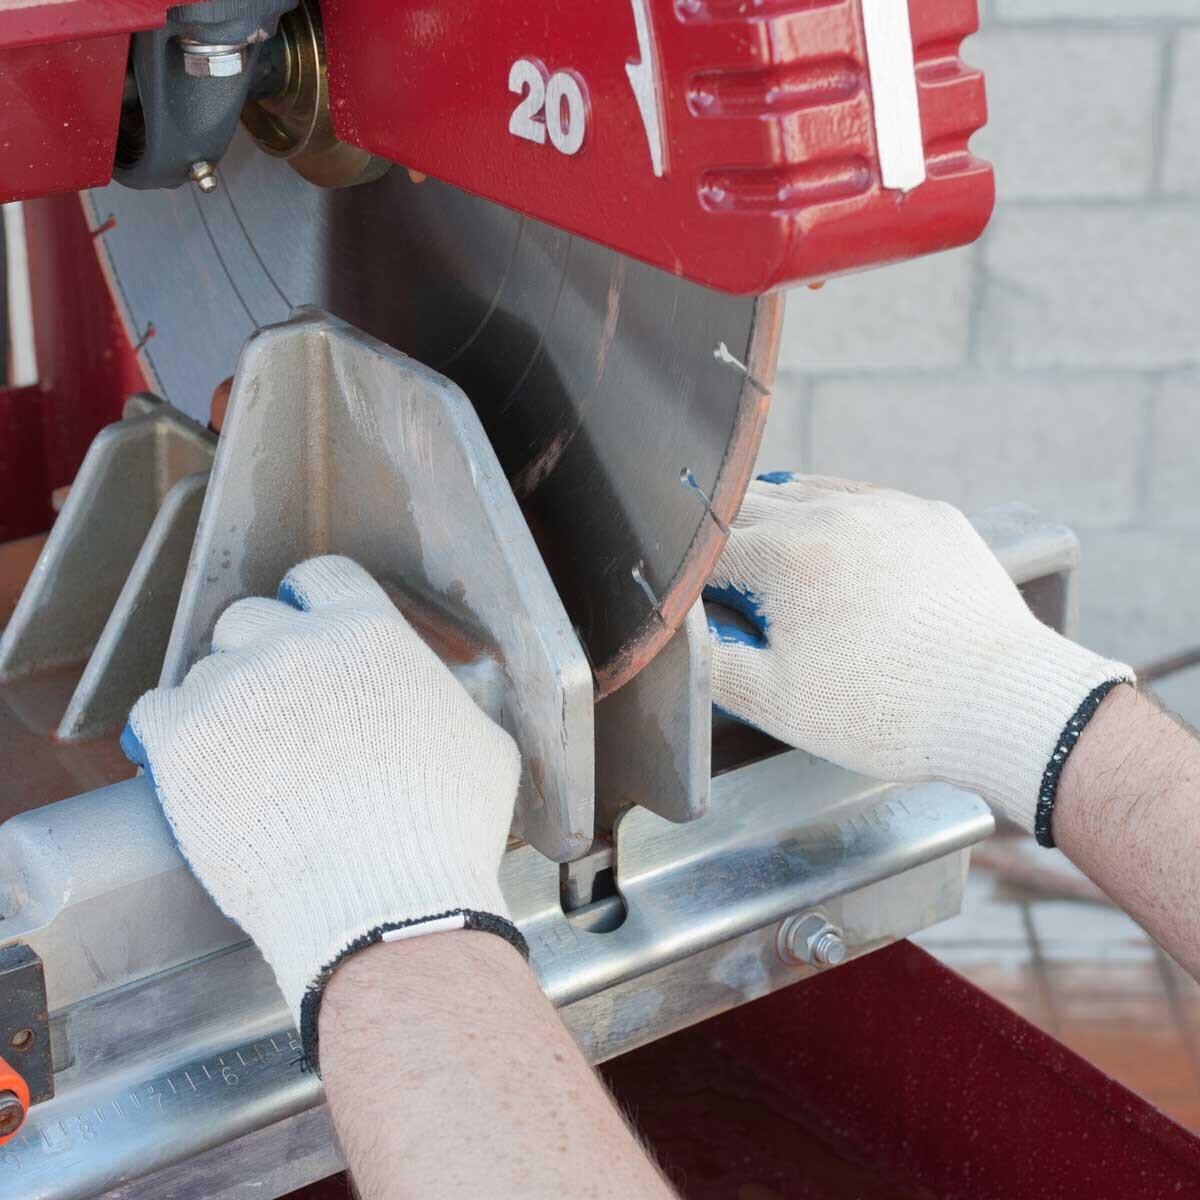 MK Masonry Saw Corner Cutting Jig